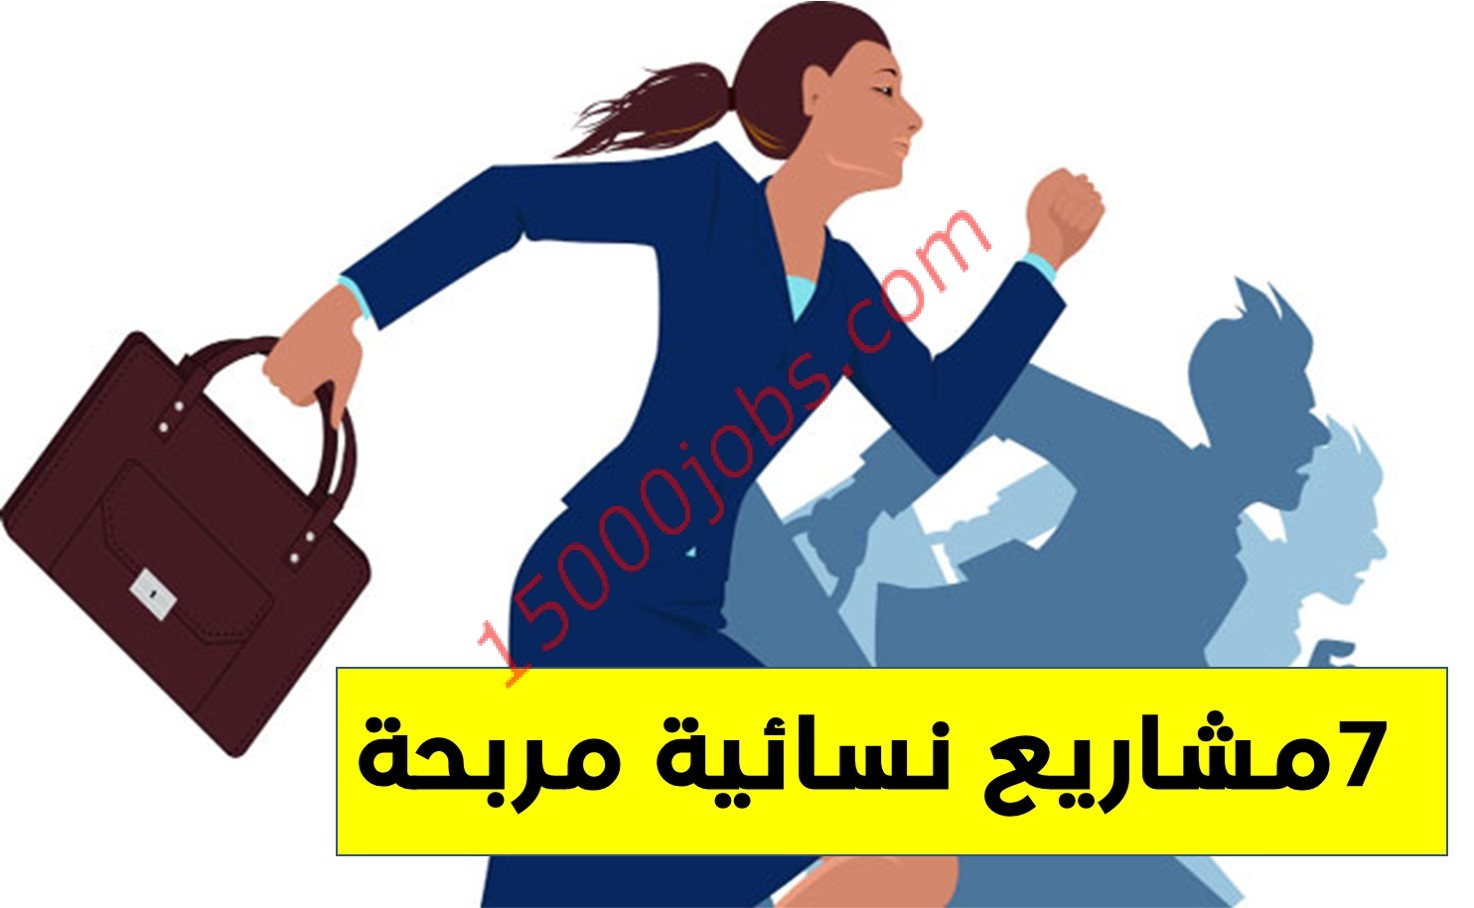 7 مشاريع صغيرة ناجحة للنساء مشاريع مربحة وقوية